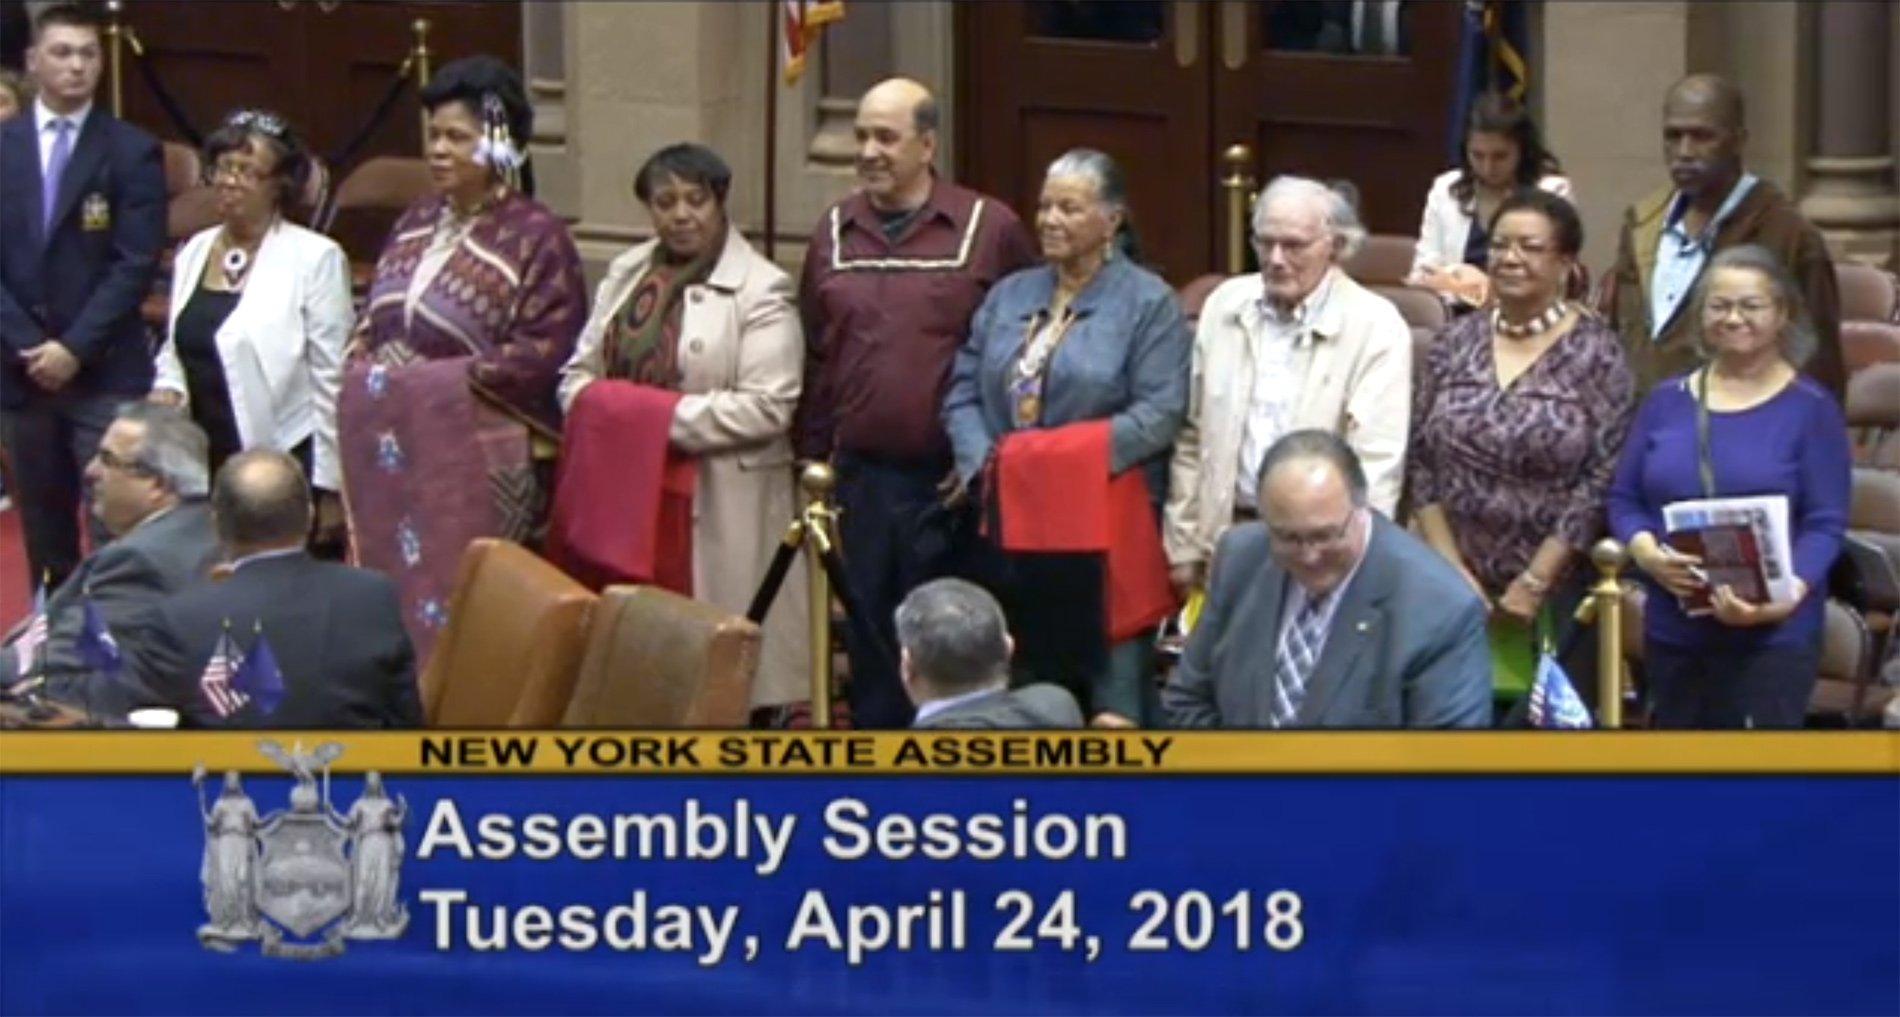 Montaukett-at-New-York-State-Assembly-April-24-2018 Montaukett Jeremy Dennis On This Site